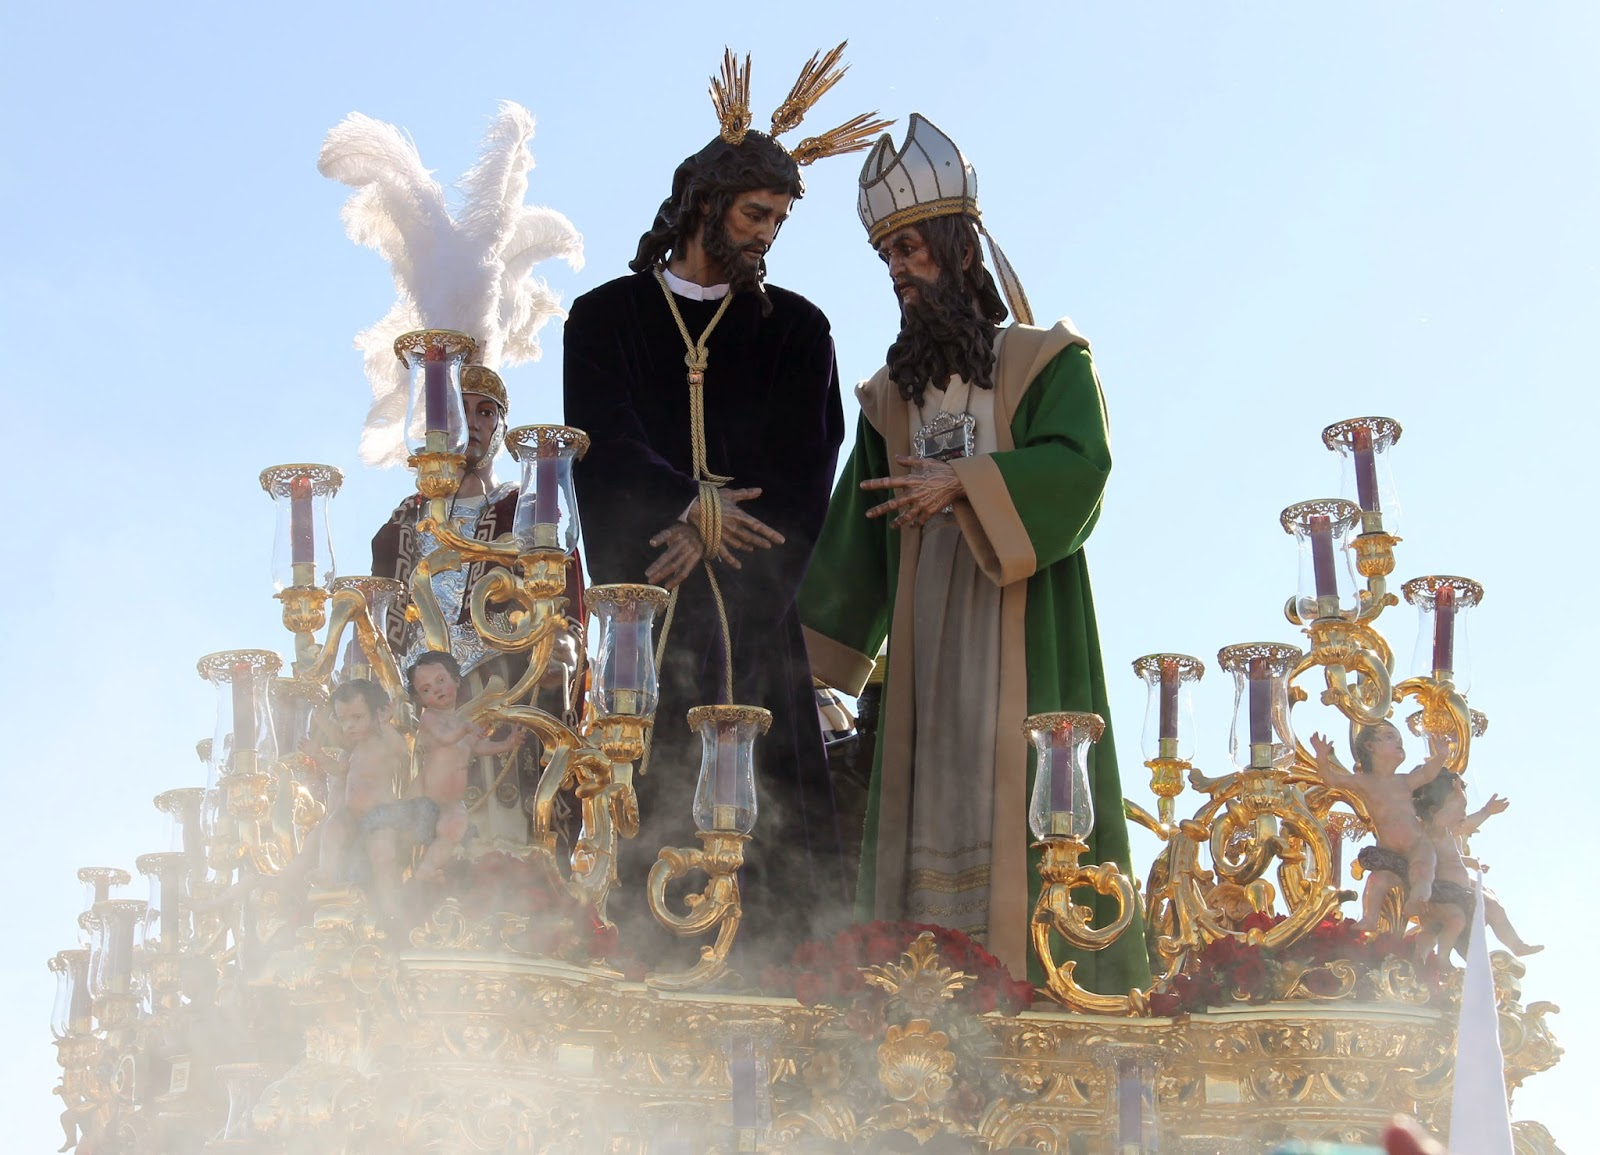 Alba y jesus en el stand de ana g en el feda - 3 part 6